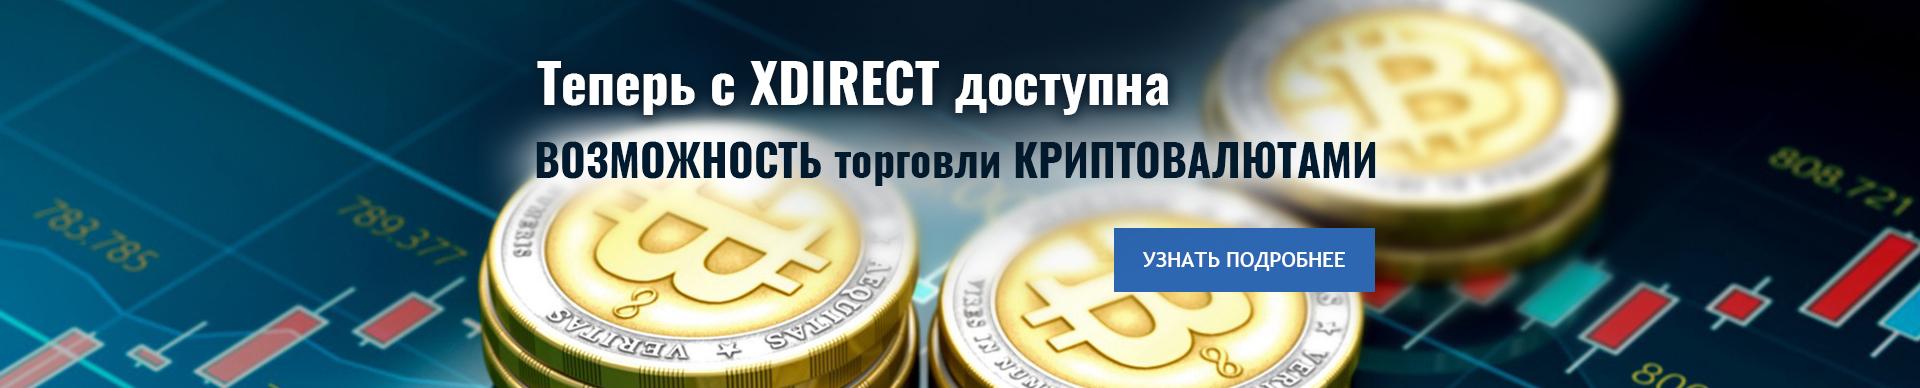 Xdirect forex